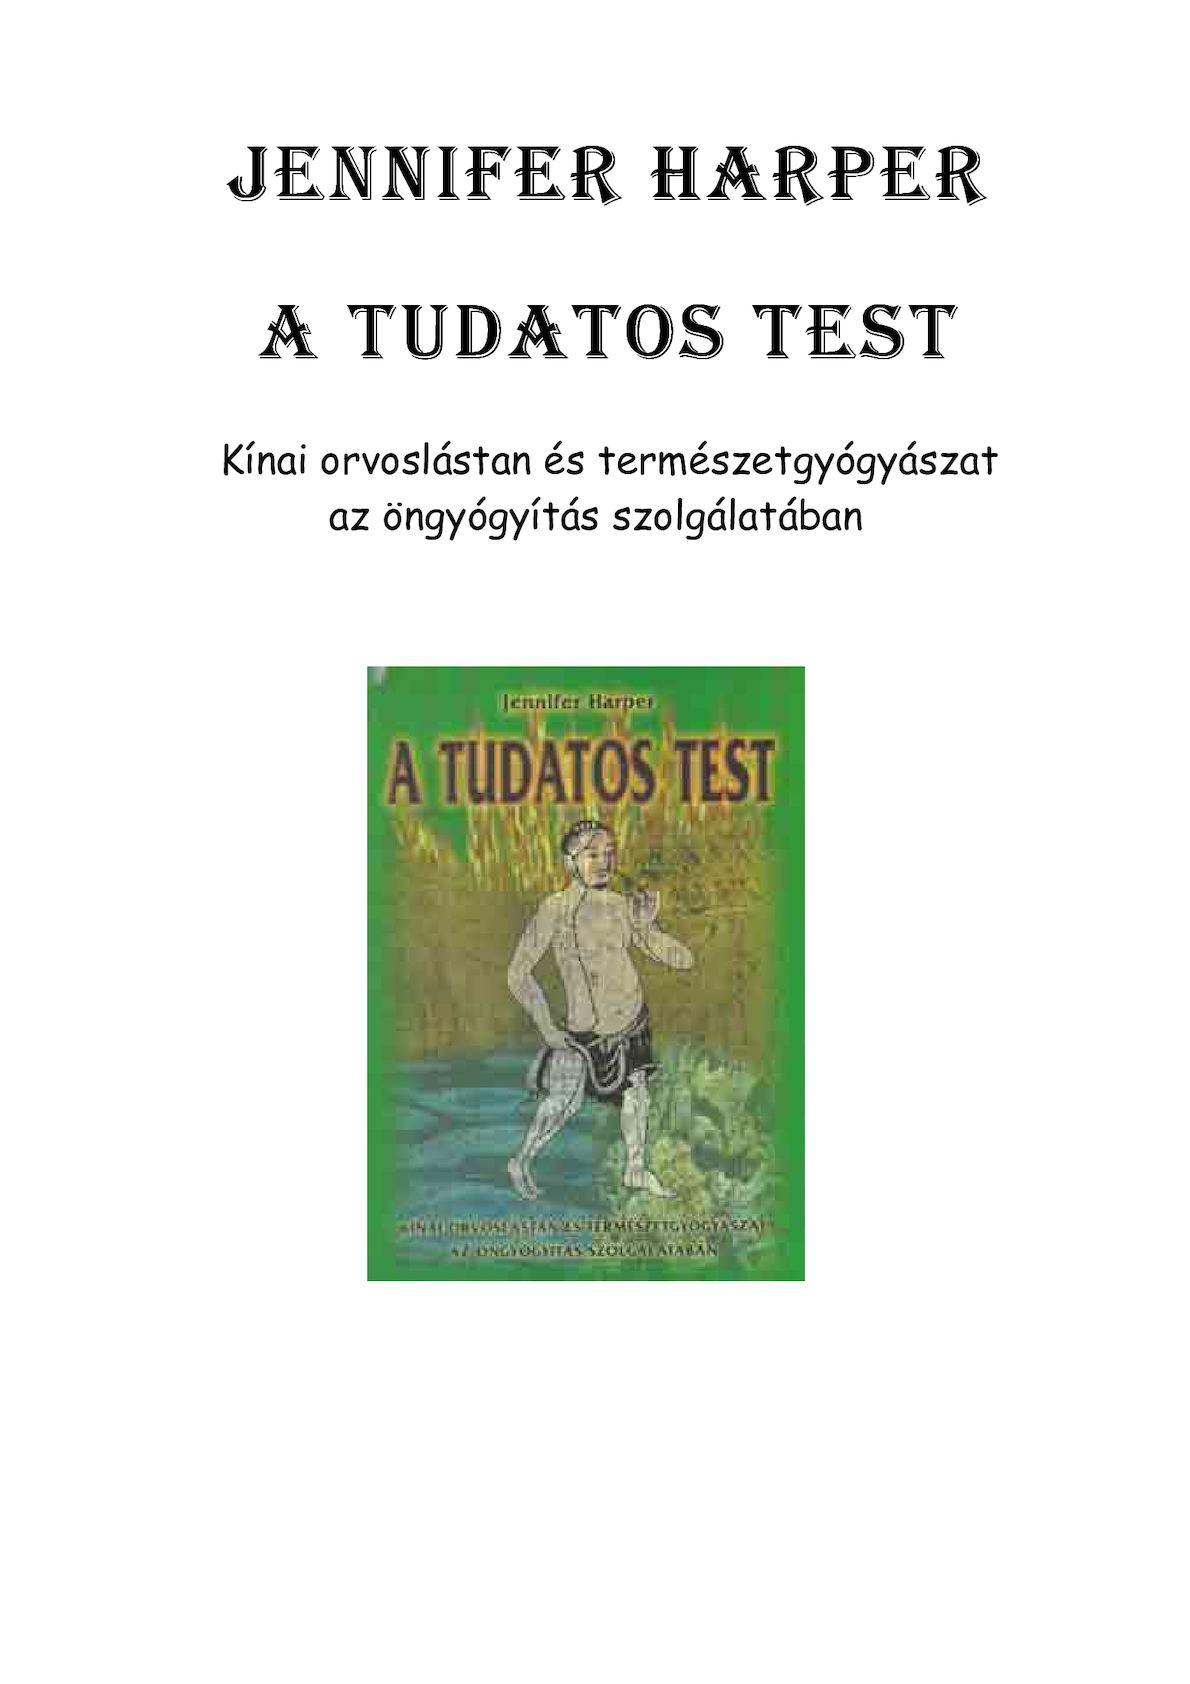 a parazita test tisztításának gyakorlati módszerei)